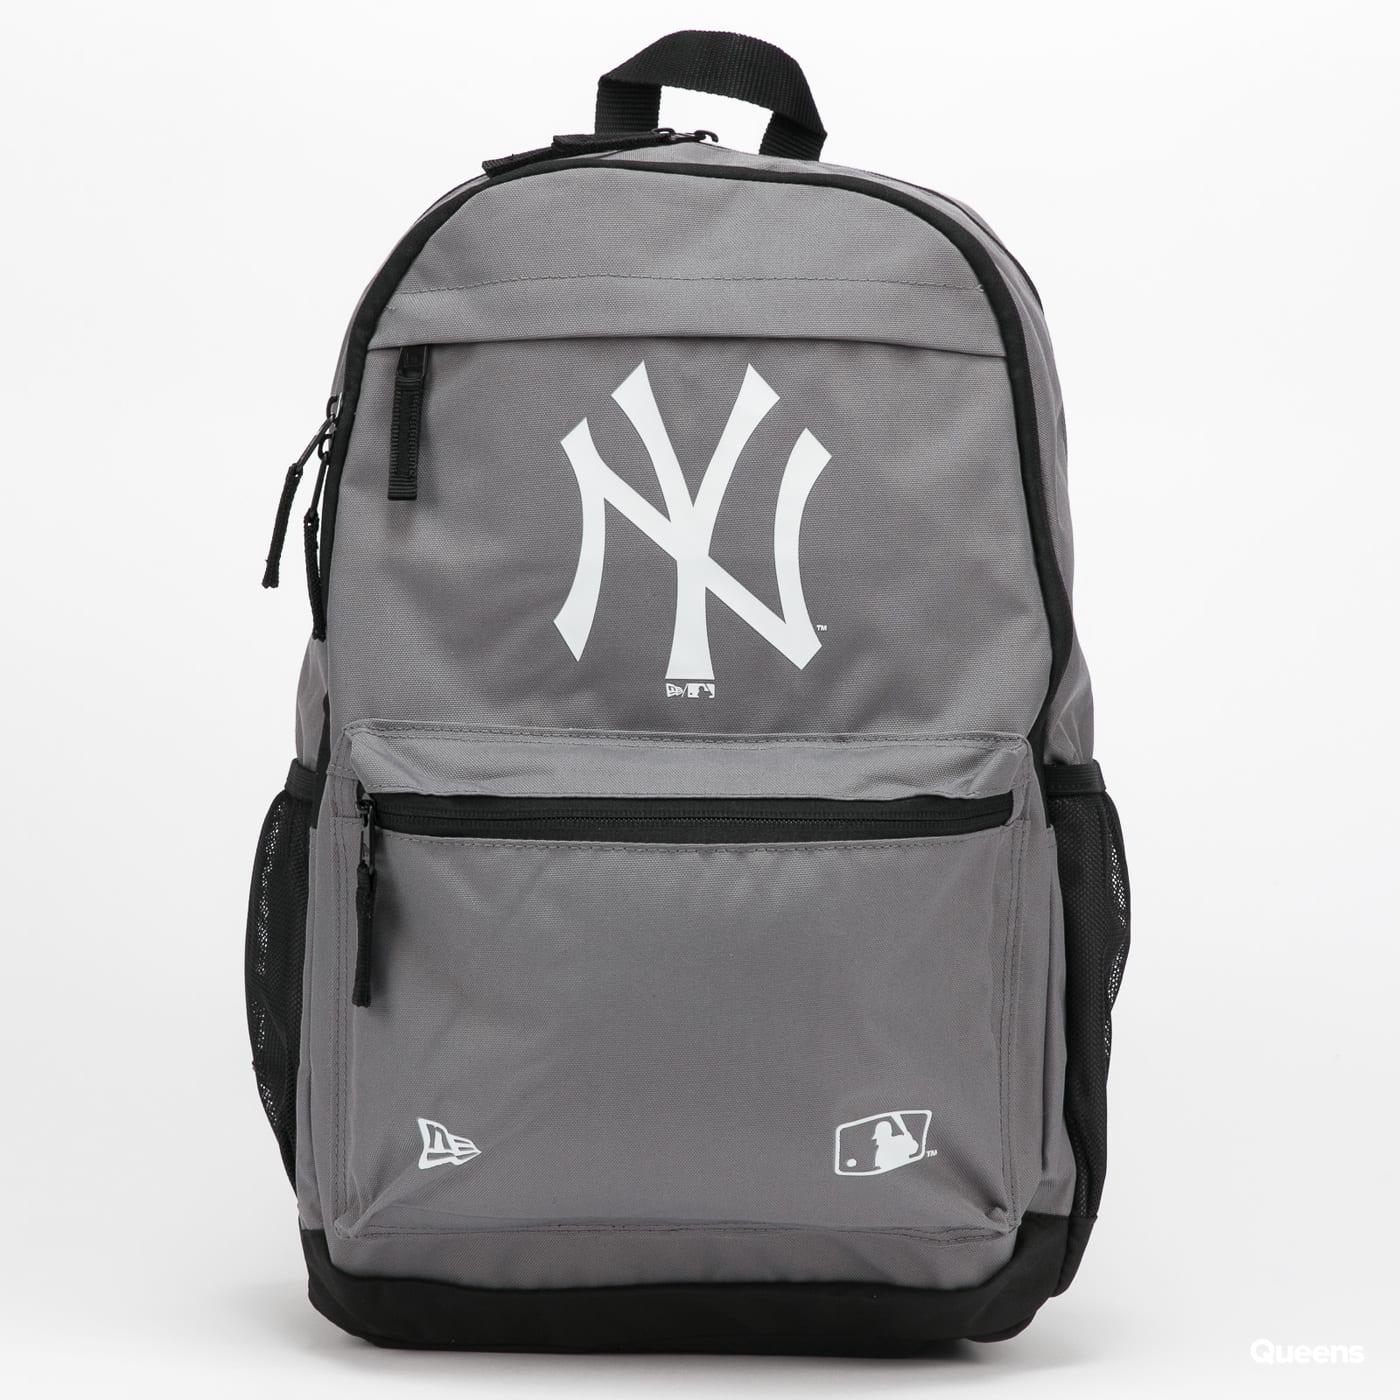 New Era Delware Pack NY šedý / černý